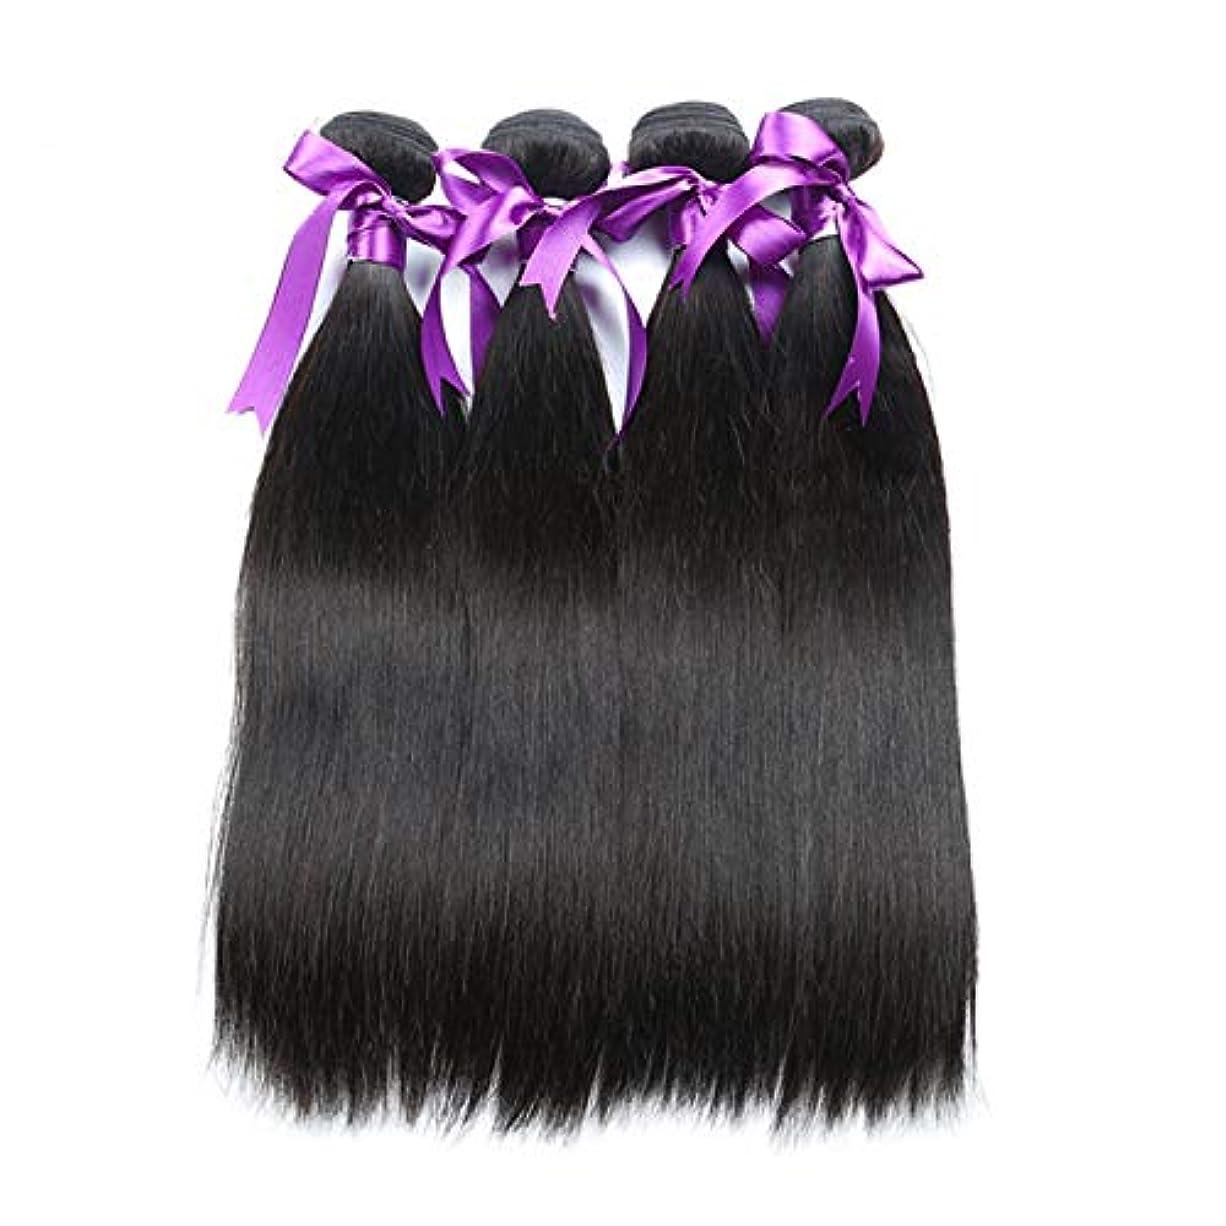 旅行代理店奨学金内向きかつら マレーシアのストレートヘア4本の人間の髪の束非レミーの毛の延長天然黒体毛髪のかつら (Length : 8 8 10 10)